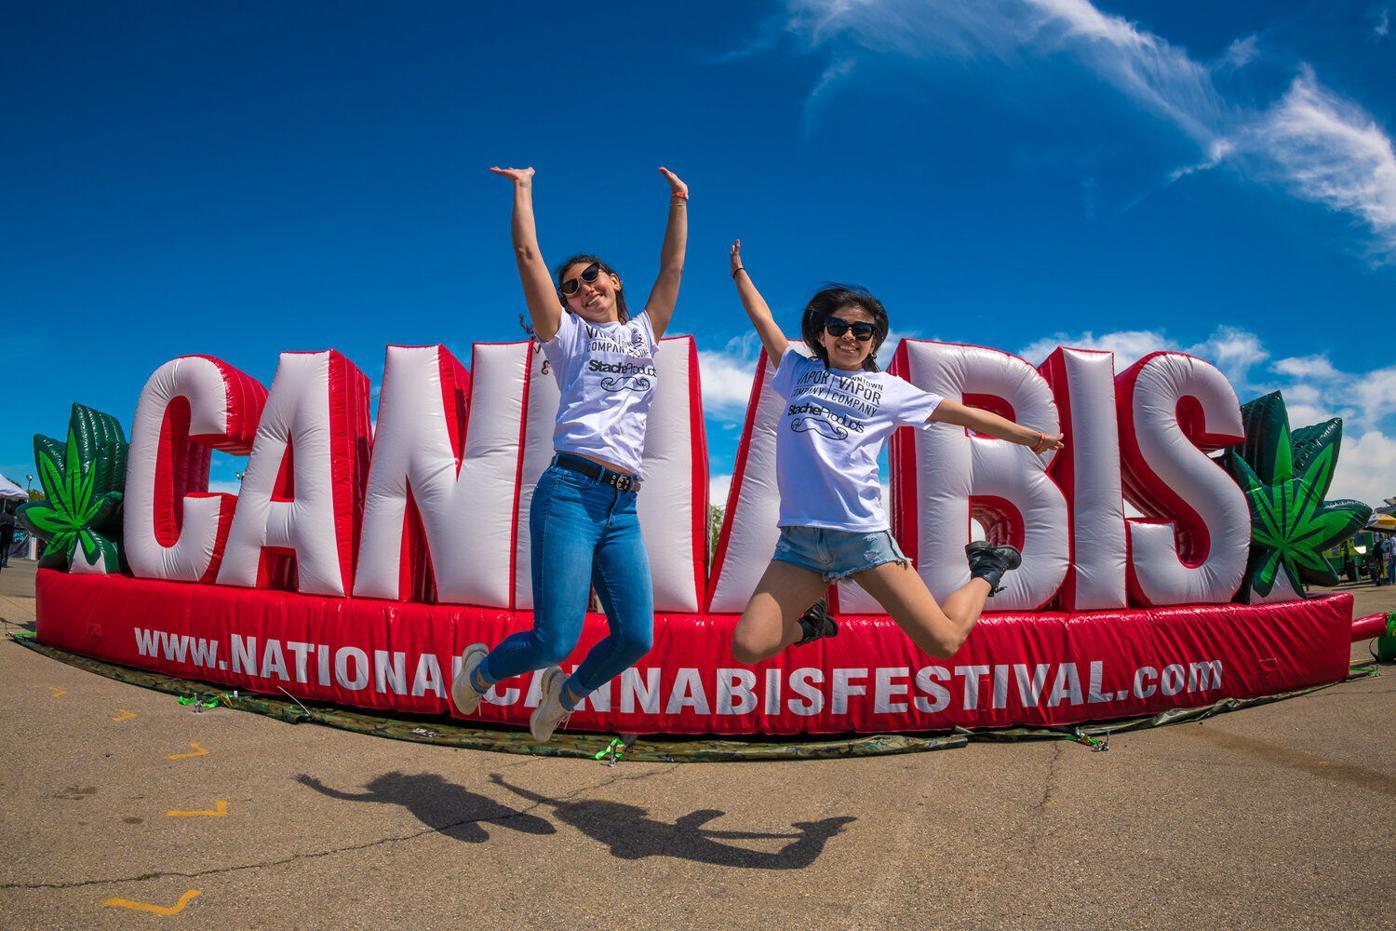 The 5th annual National Cannabis Festival